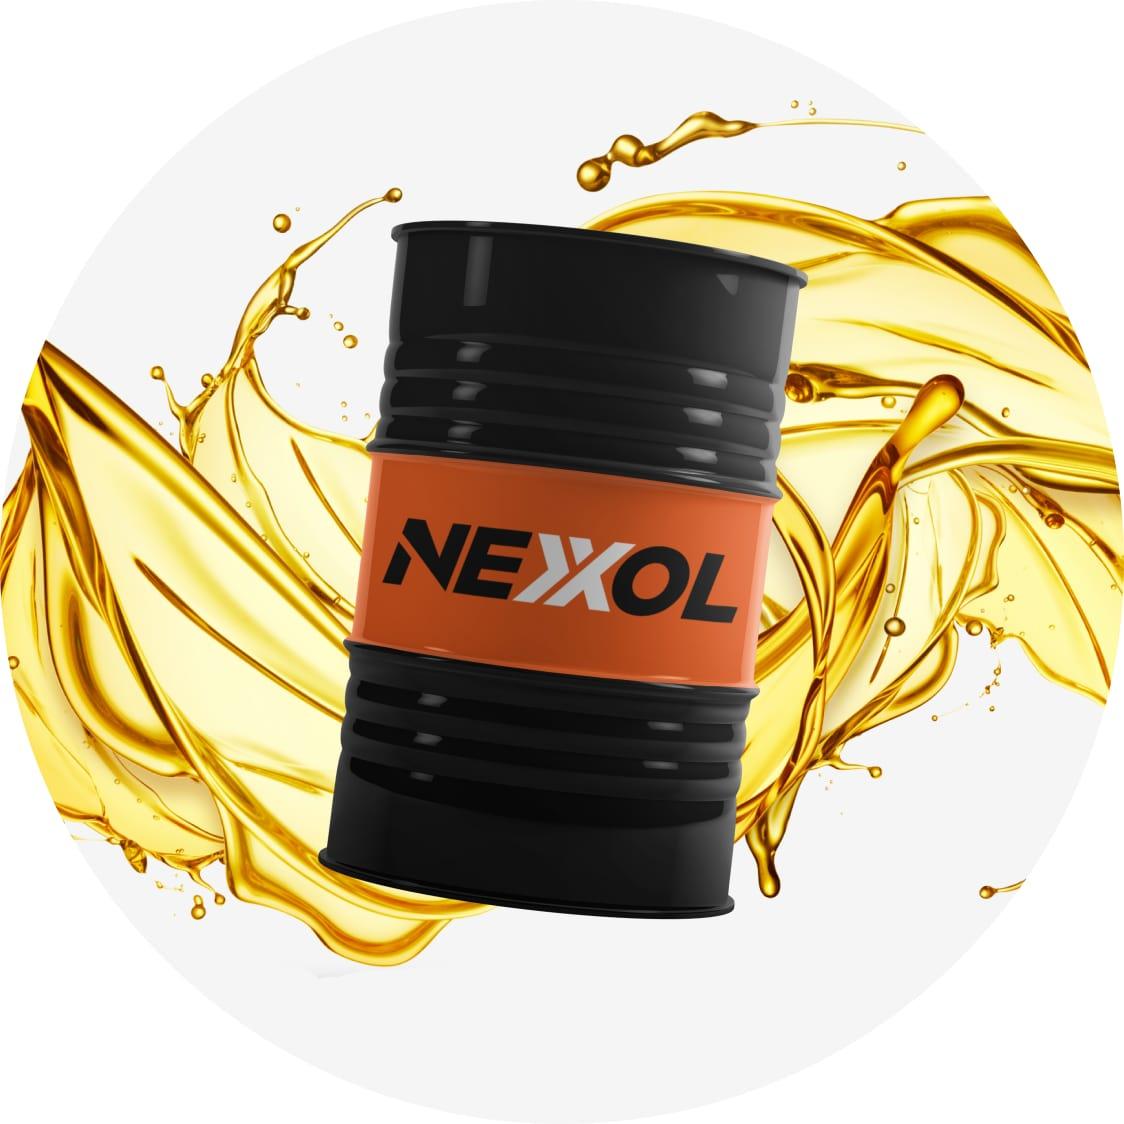 NEXXOL